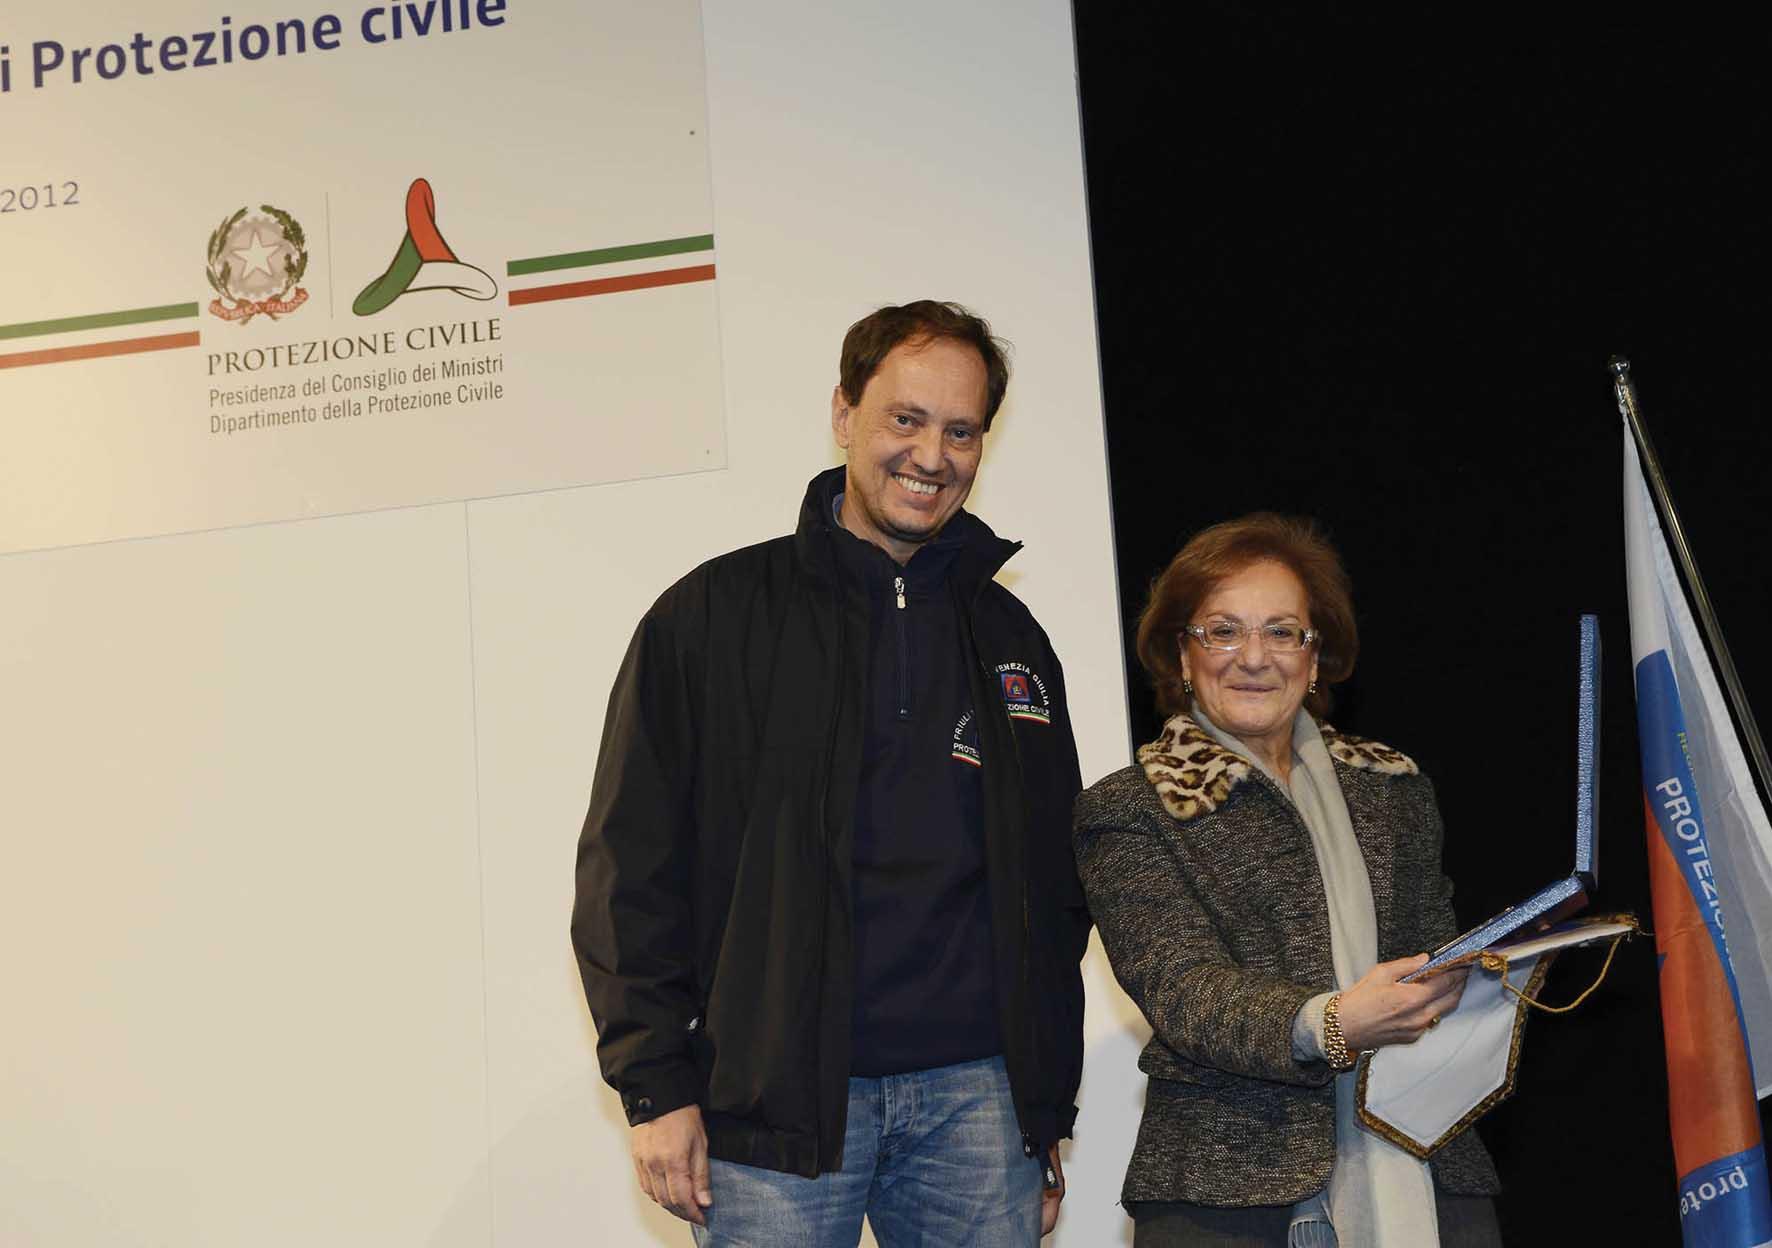 FVG festa protezione civile Pordenone 2012 Luca Ciriani con prefetto Garufi infofile 1